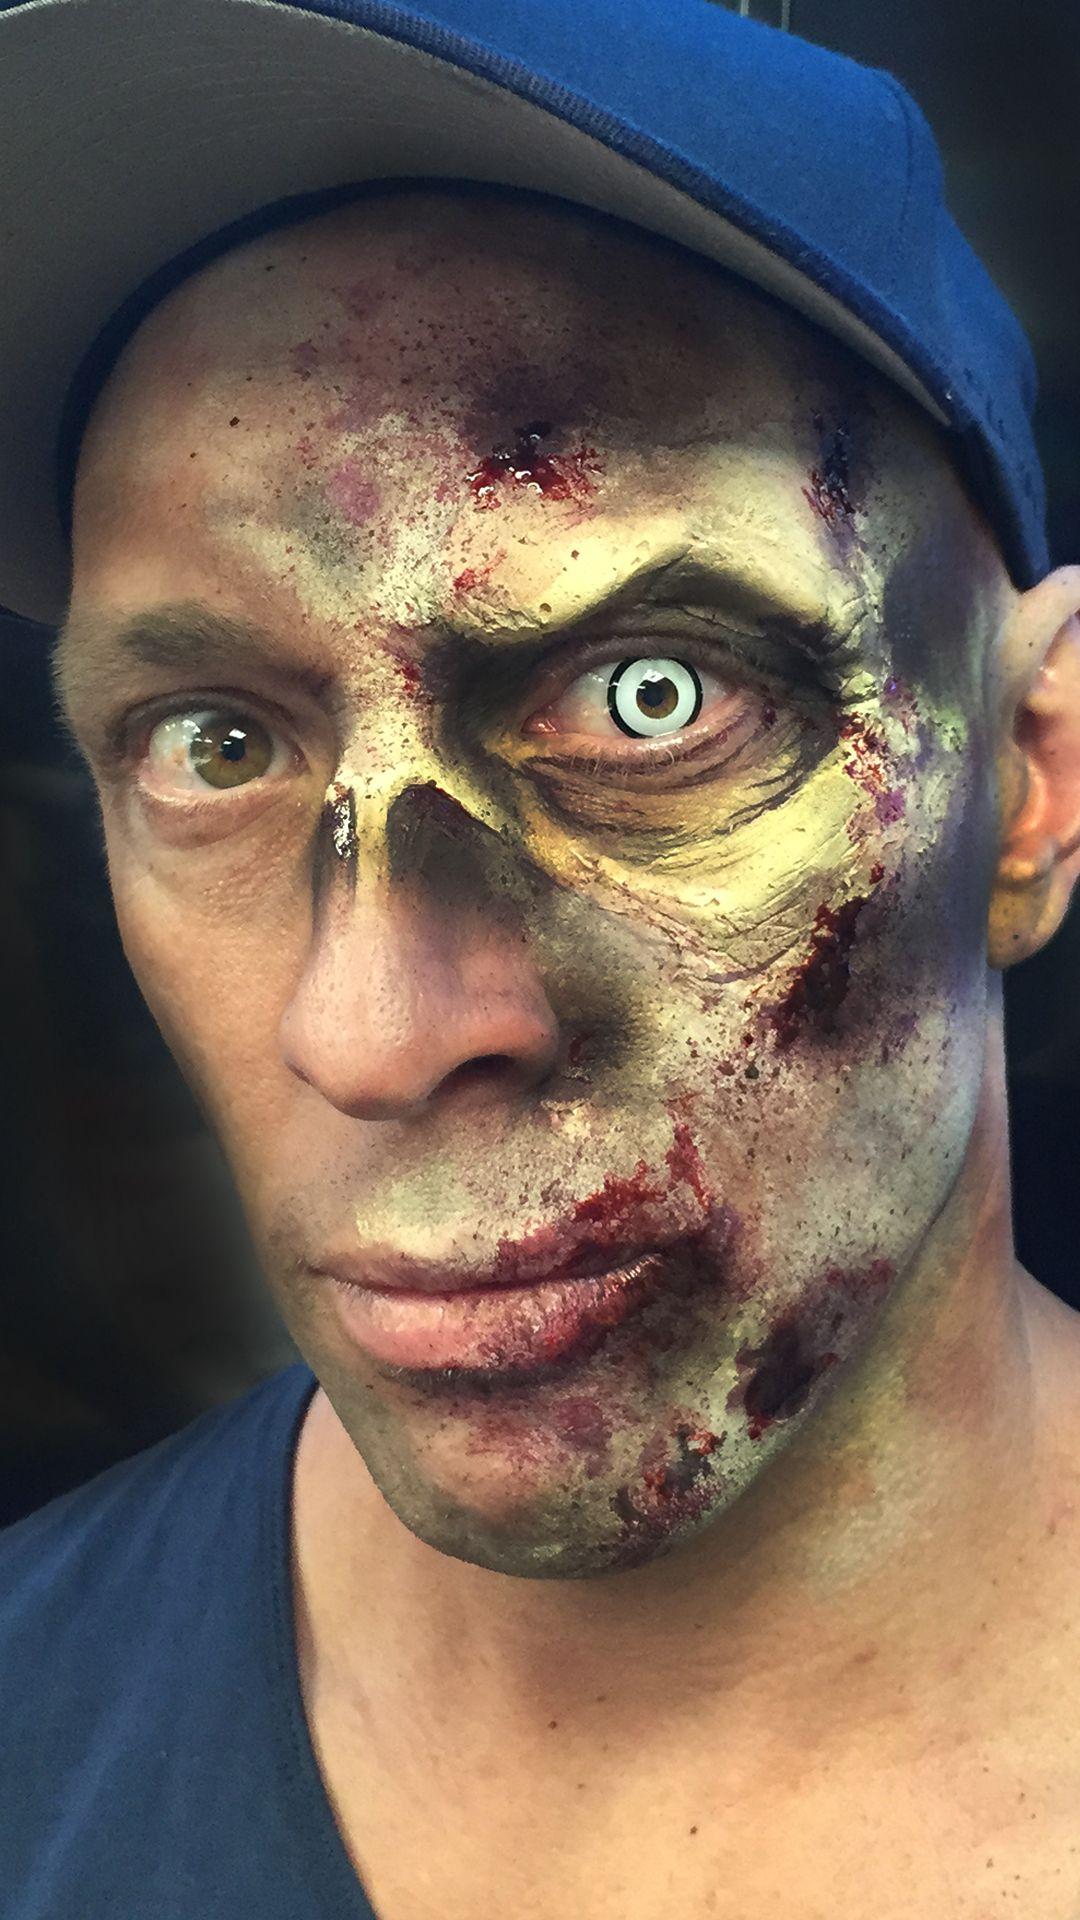 HALF ZOMBIE MAKEUP in 2020 Zombie makeup, Online makeup